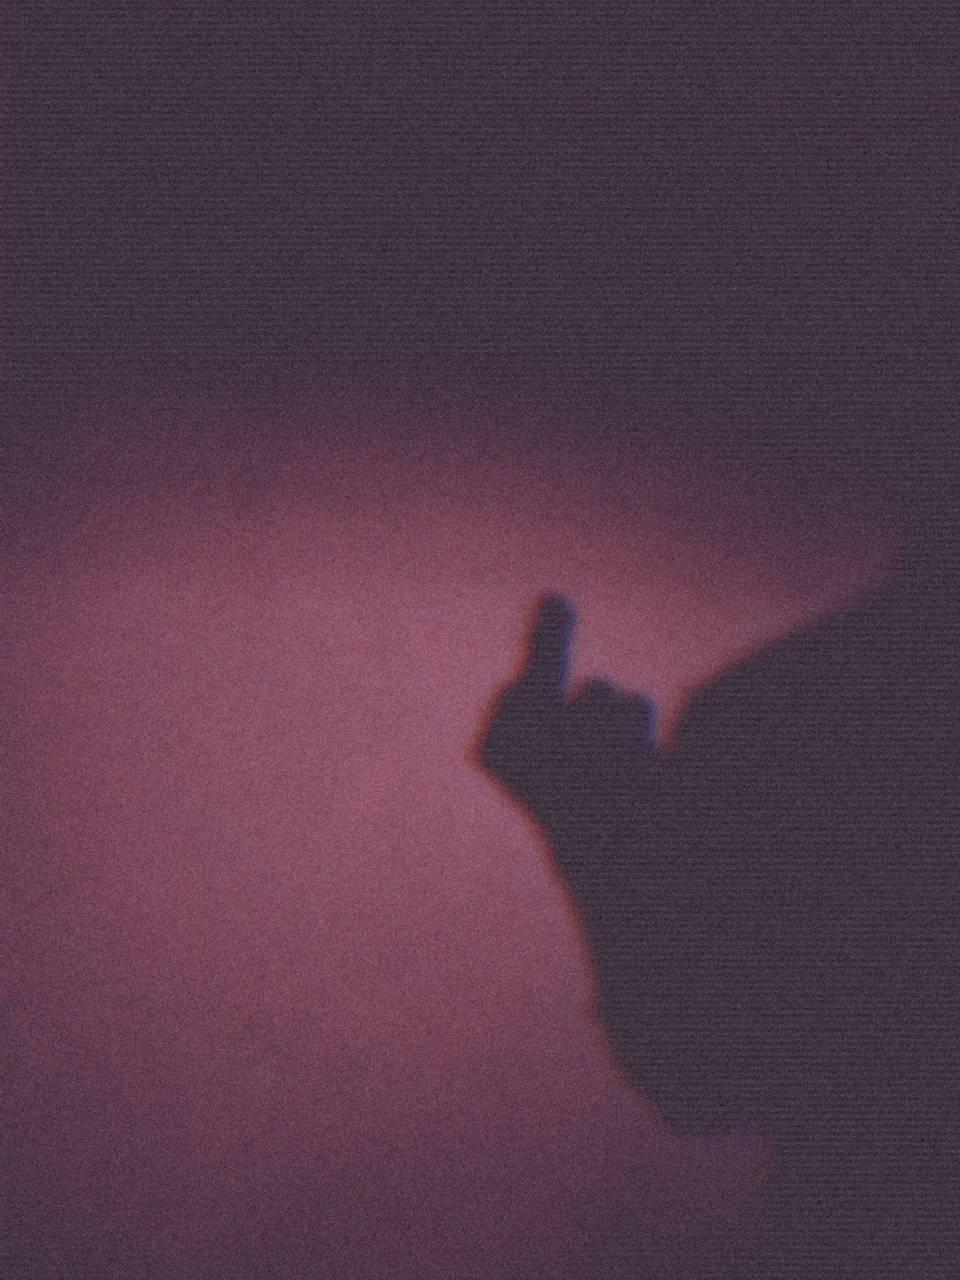 Aesthetic Finger